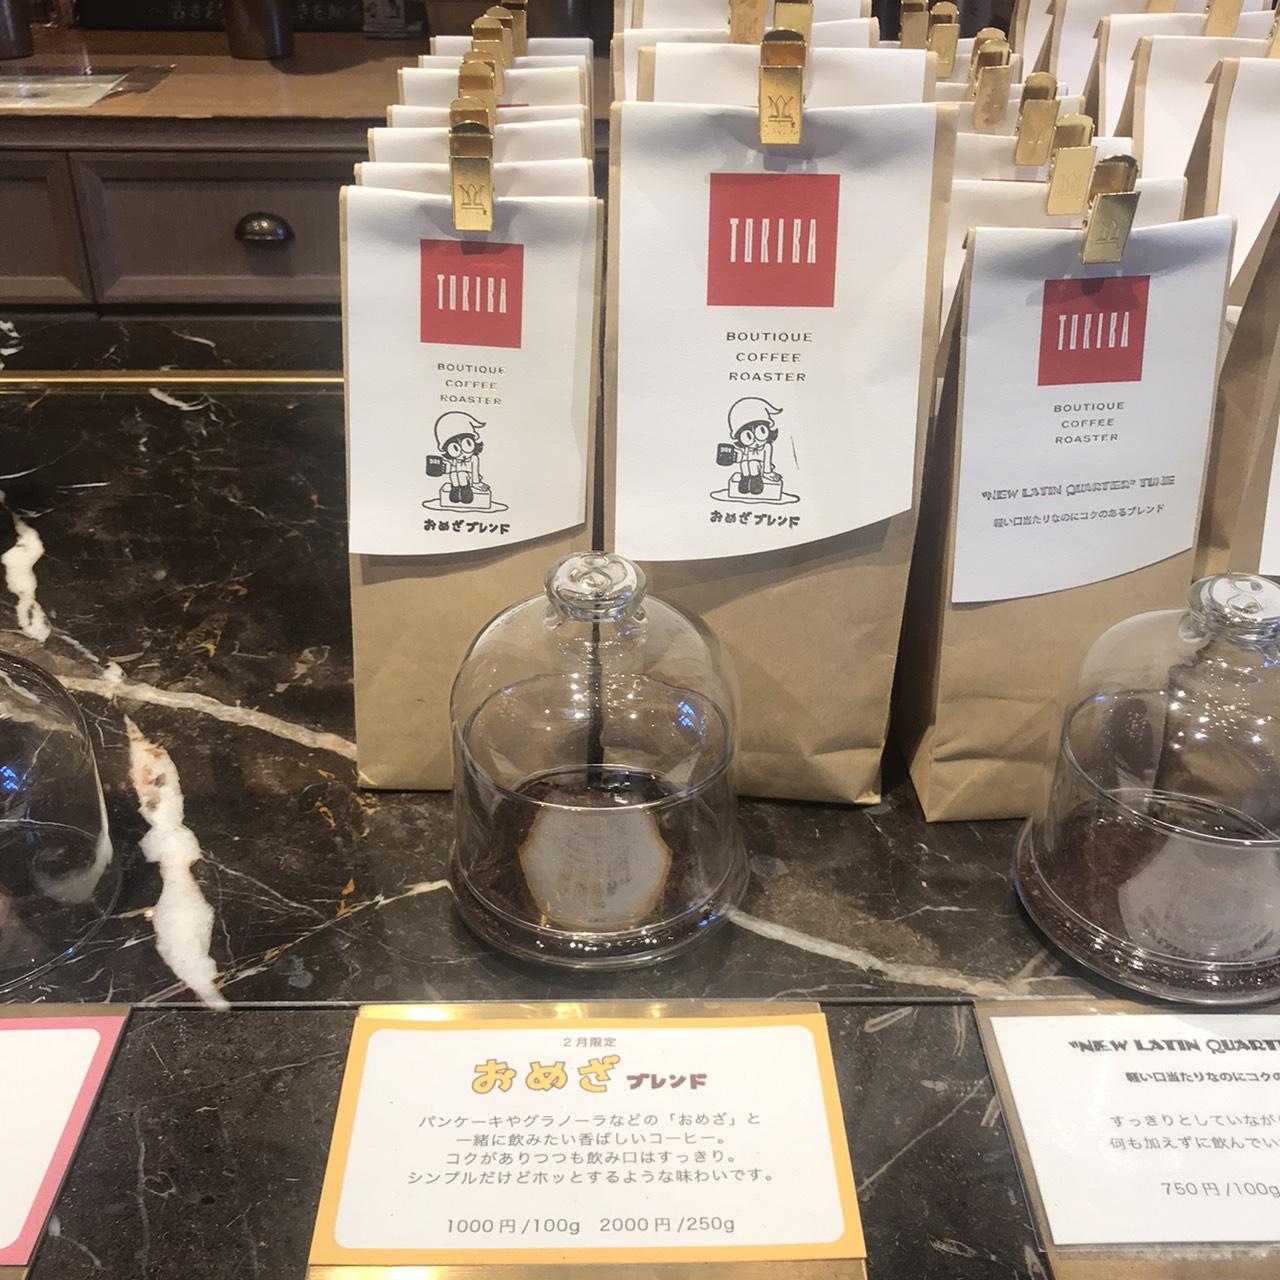 オリジナルイラスト入りのコーヒー豆のパッケージ